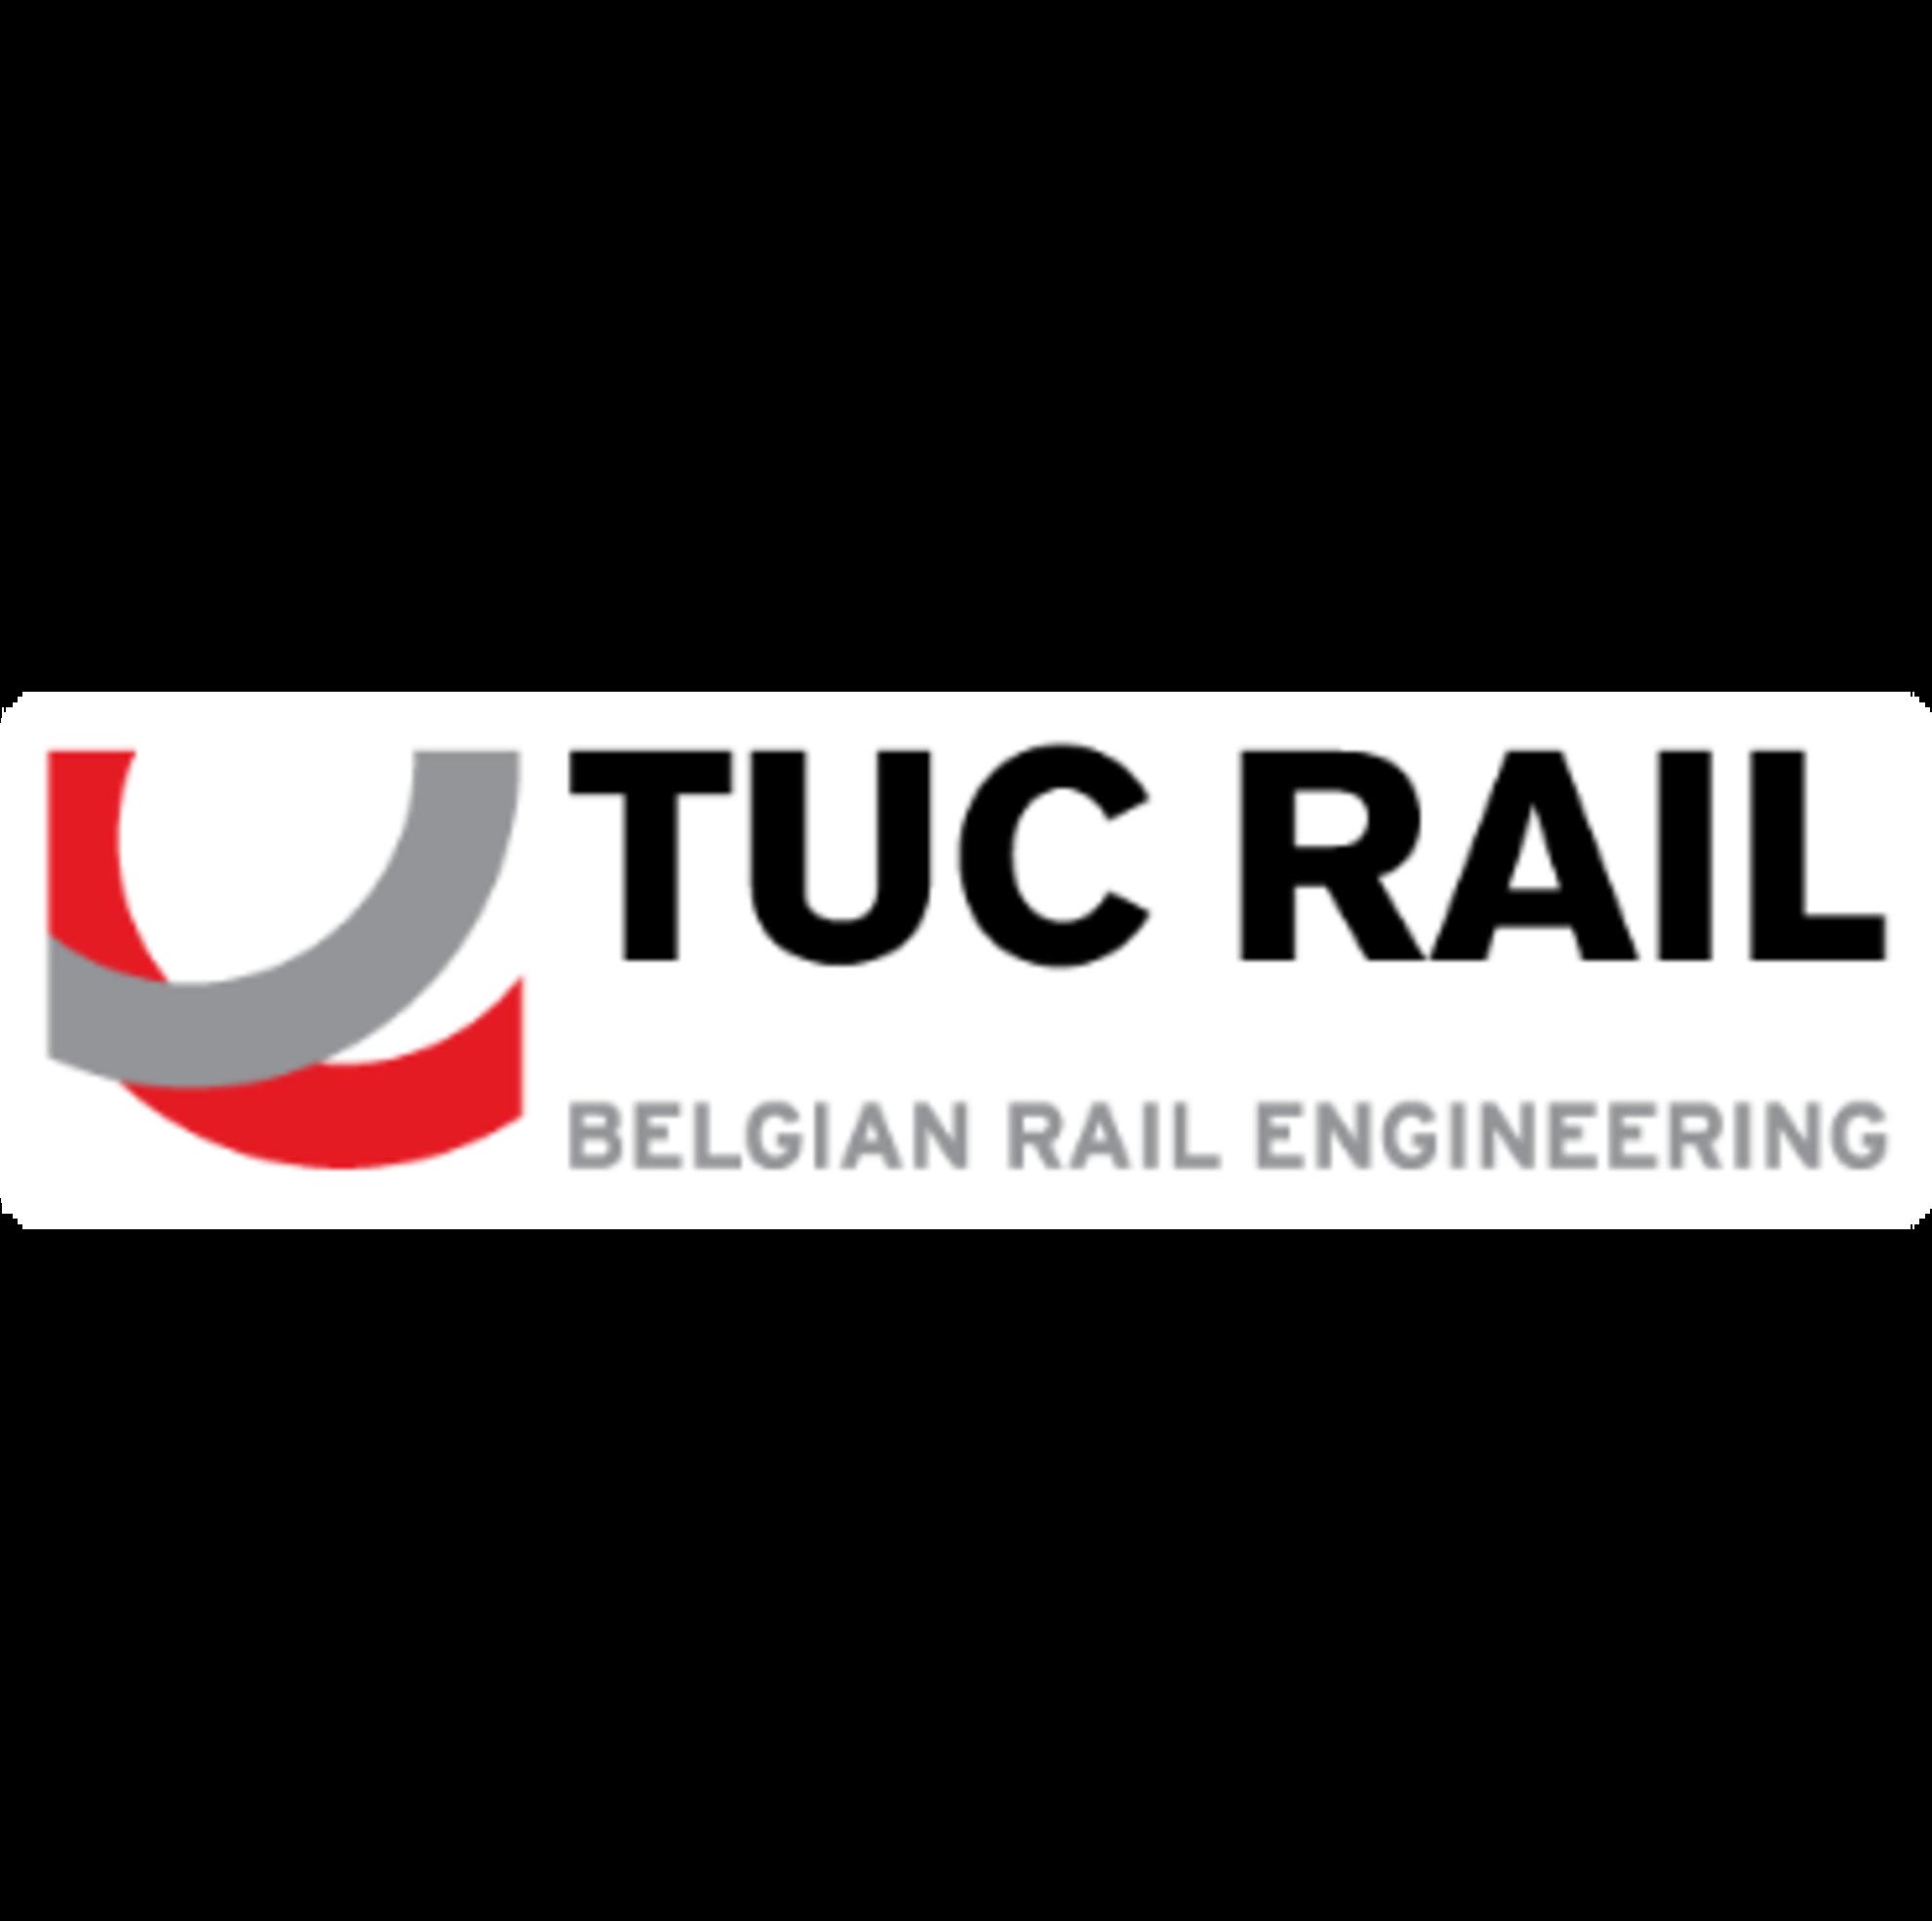 tucrail logo